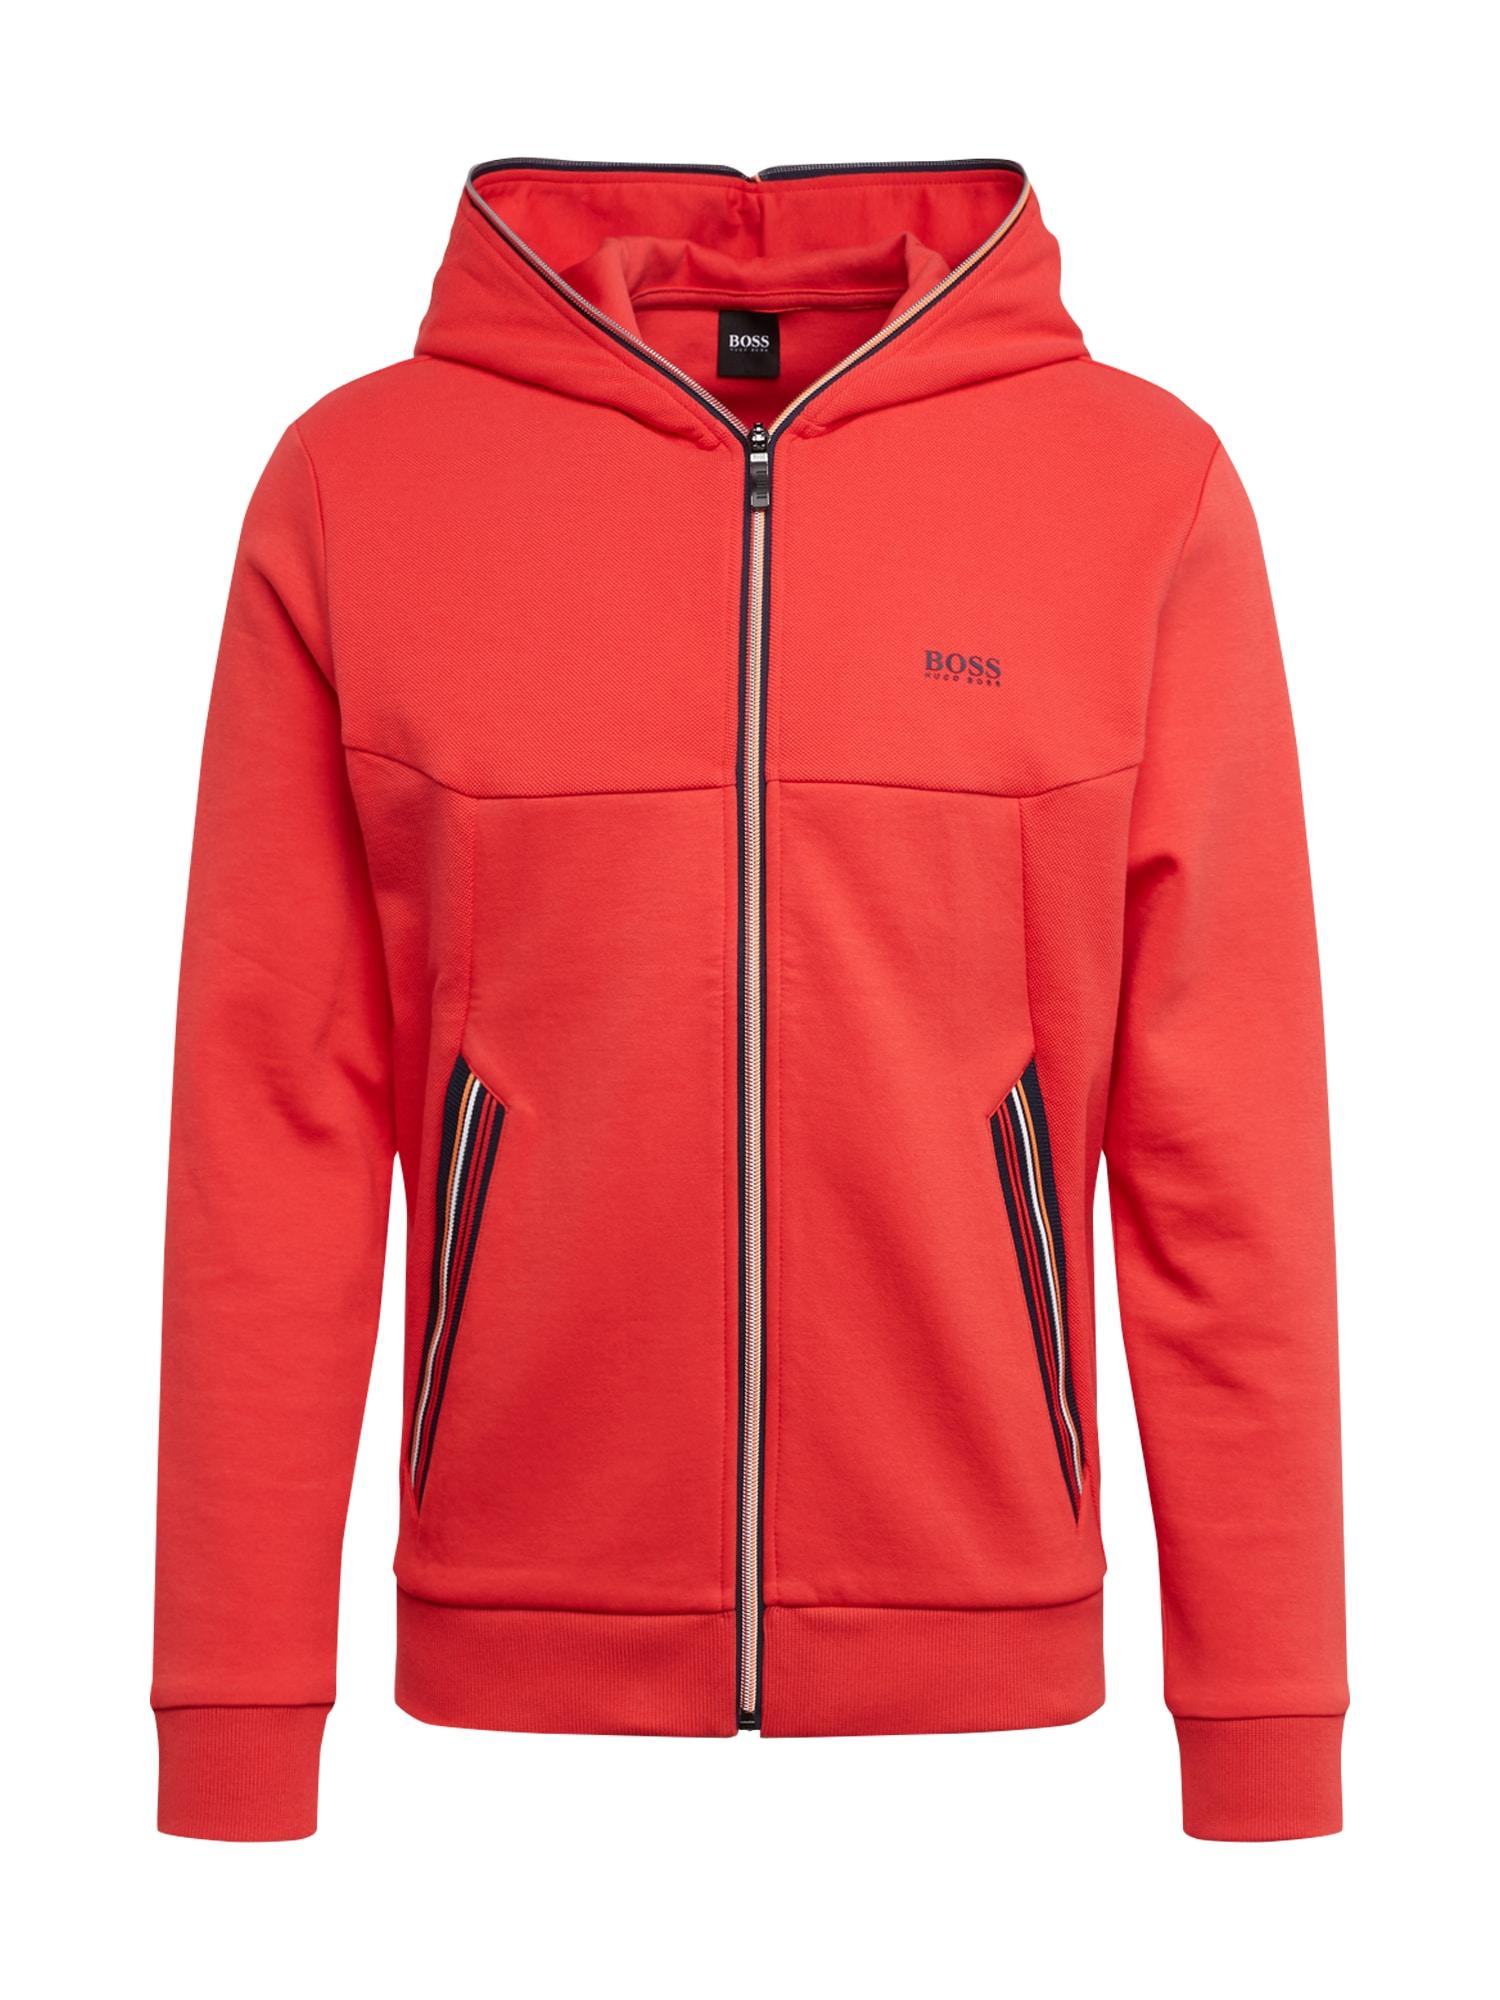 BOSS ATHLEISURE Sportinis džemperis 'Saggy 1' raudona